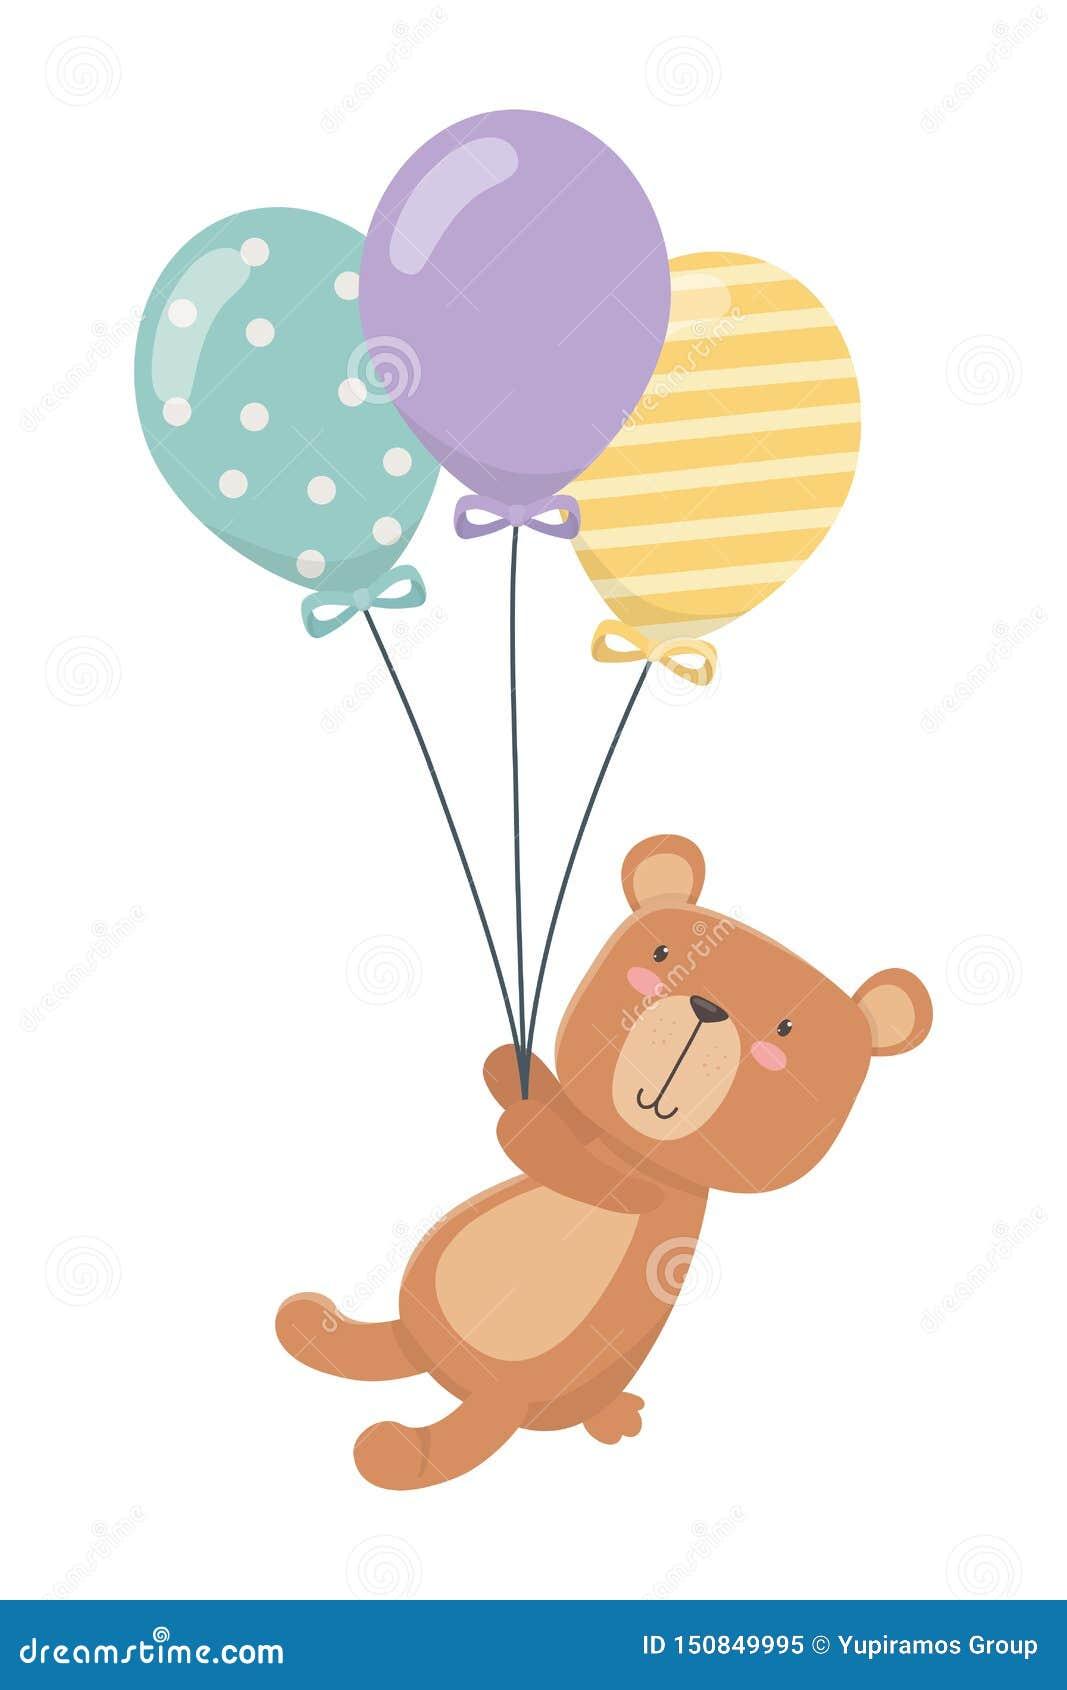 Teddy bear cartoon and balloons design